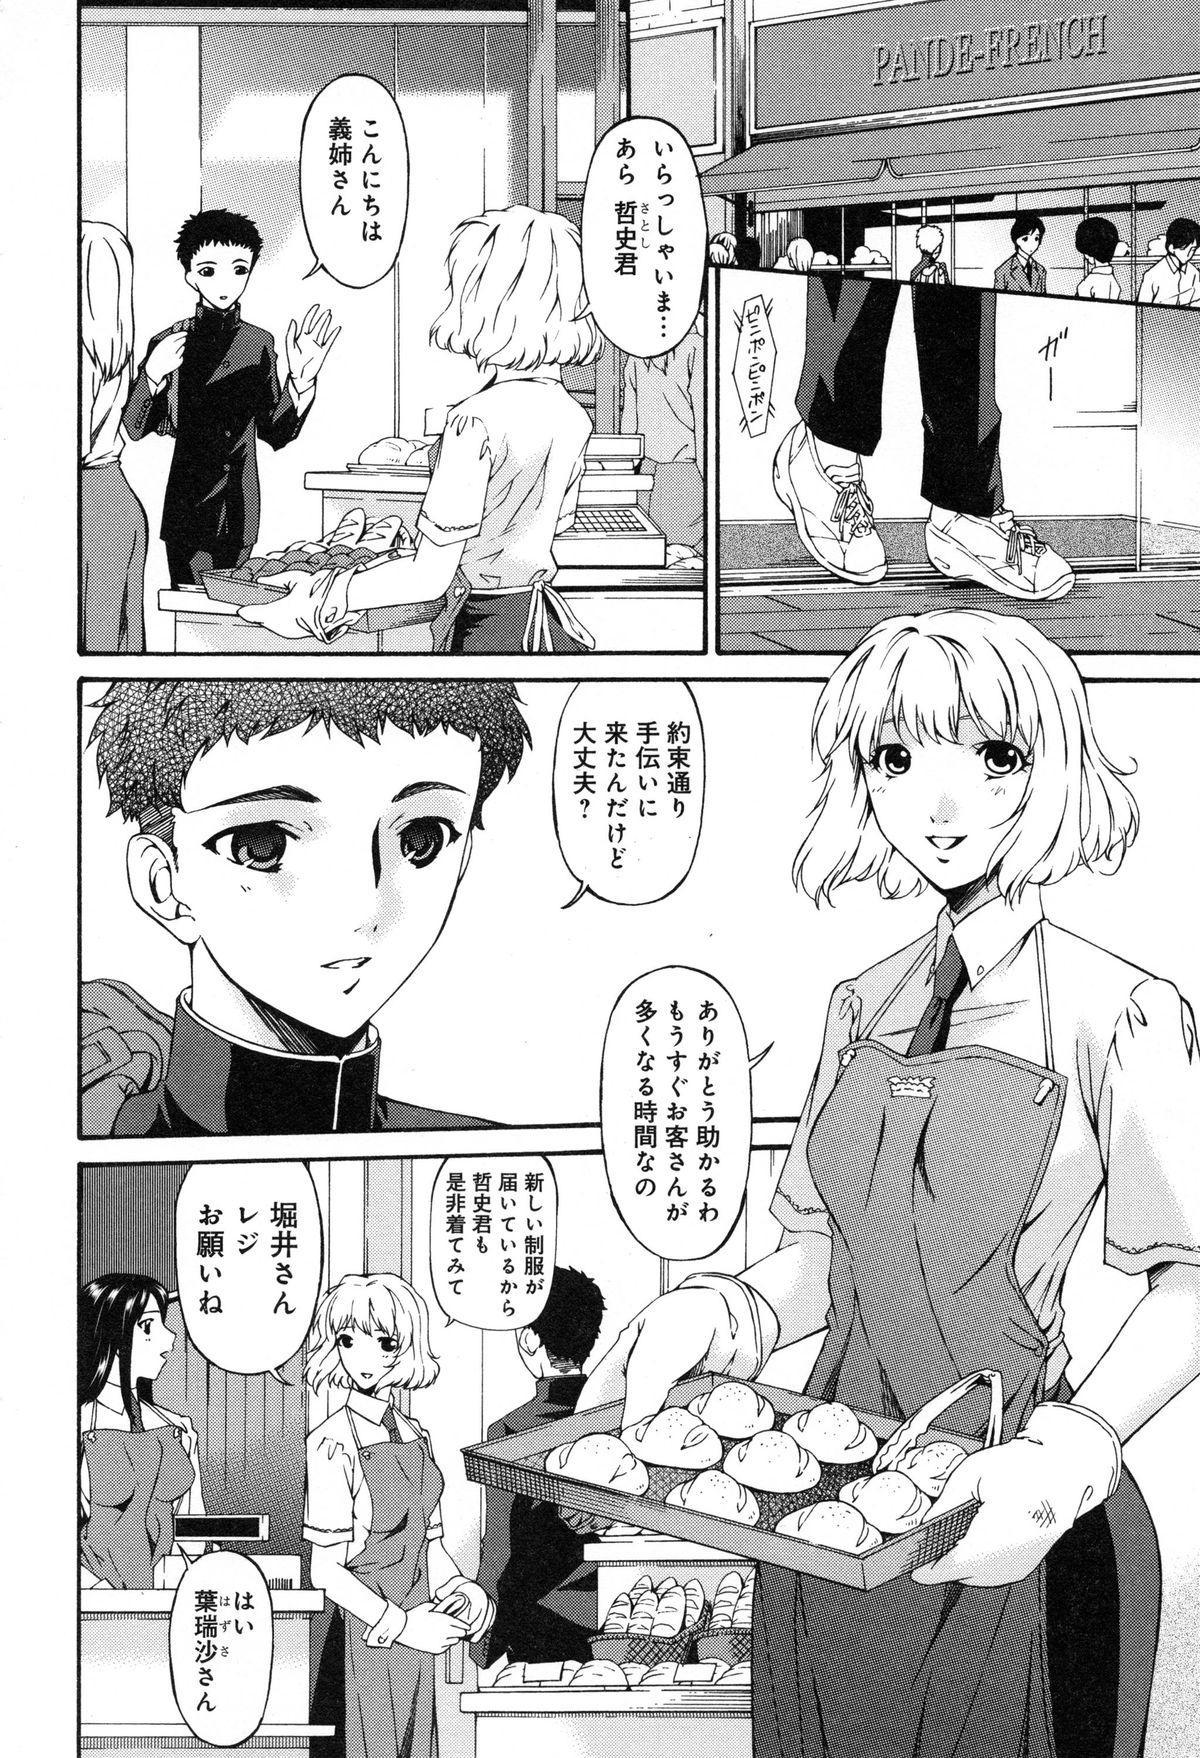 Shinshoku no Toki 8